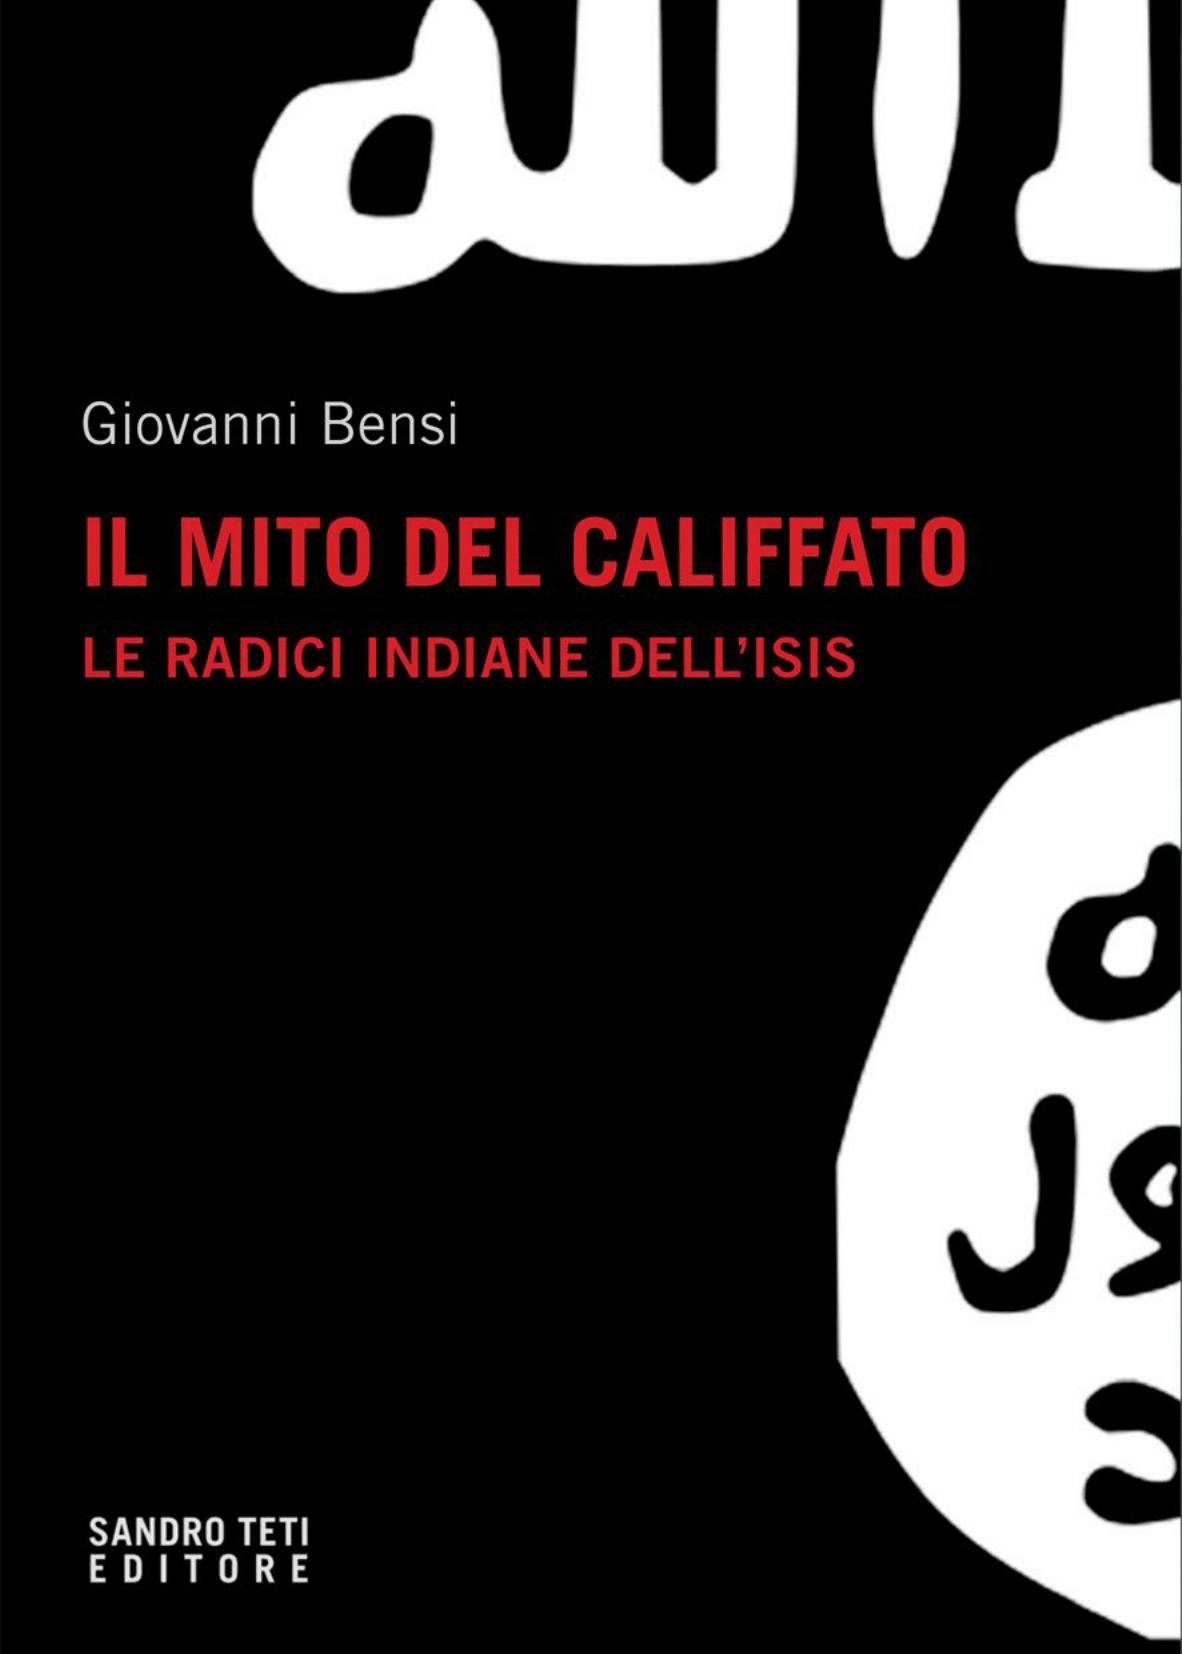 Giovanni Bensi – Il mito del califfato. Le radici indiane dell'Isis